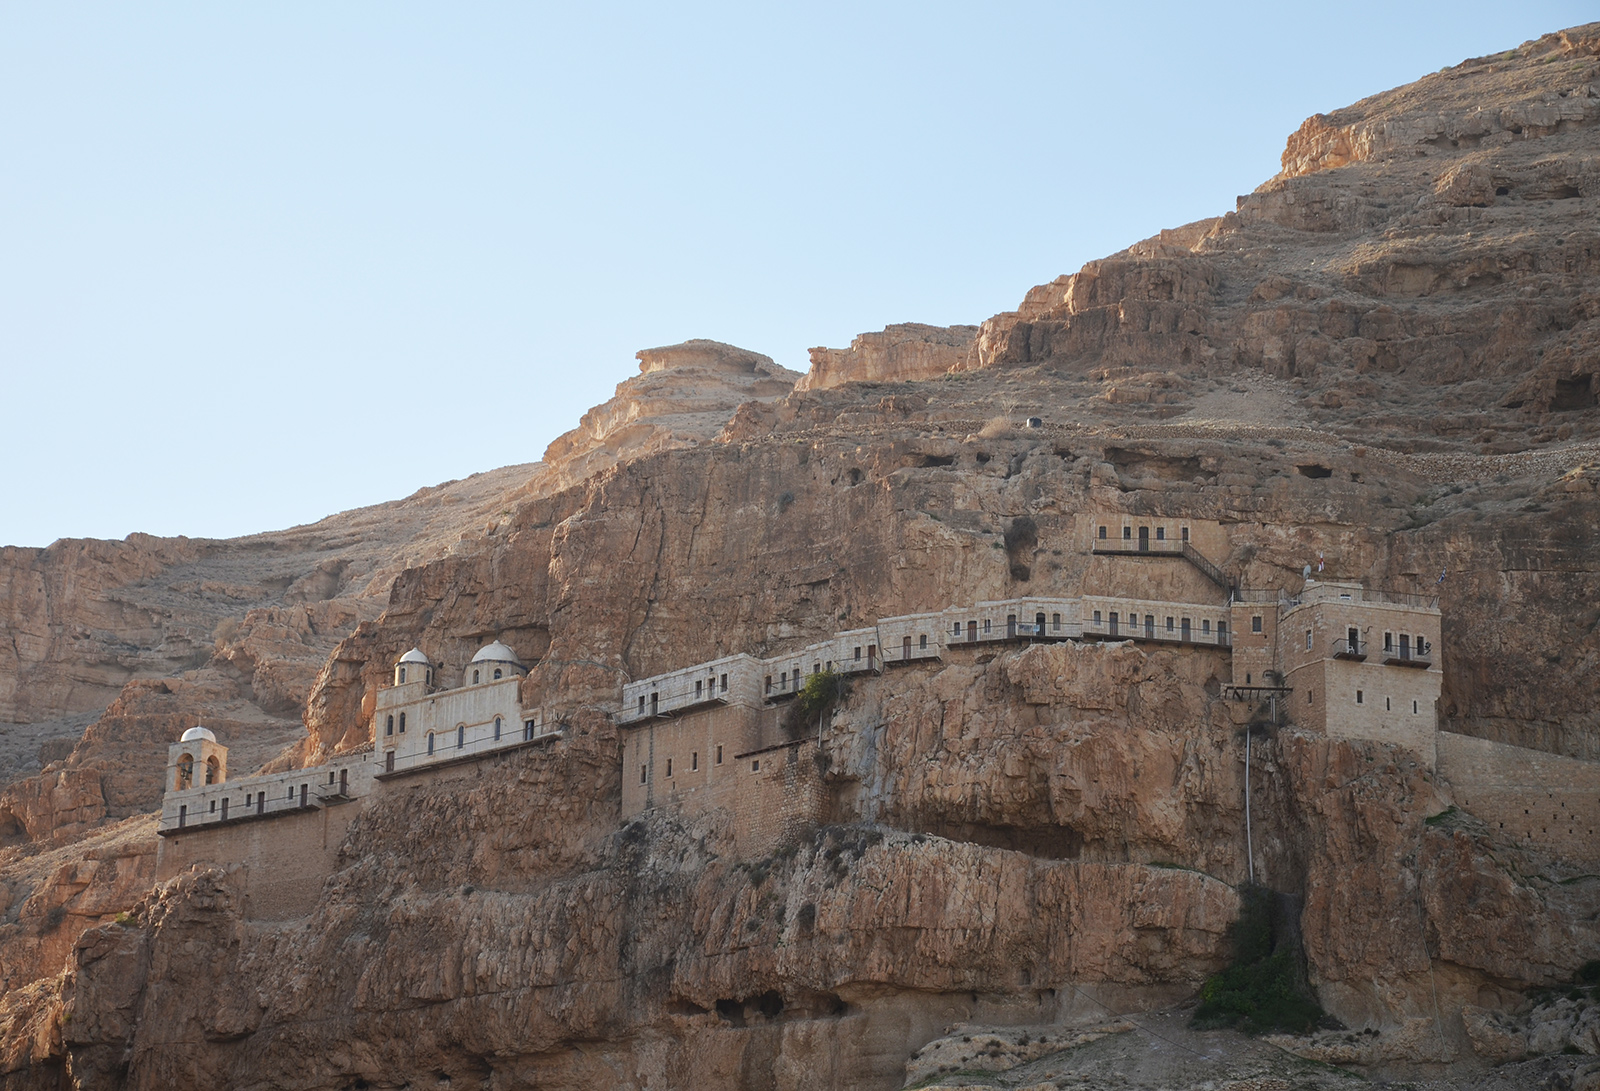 Klášter pokušení, Jericho, Západní Břeh